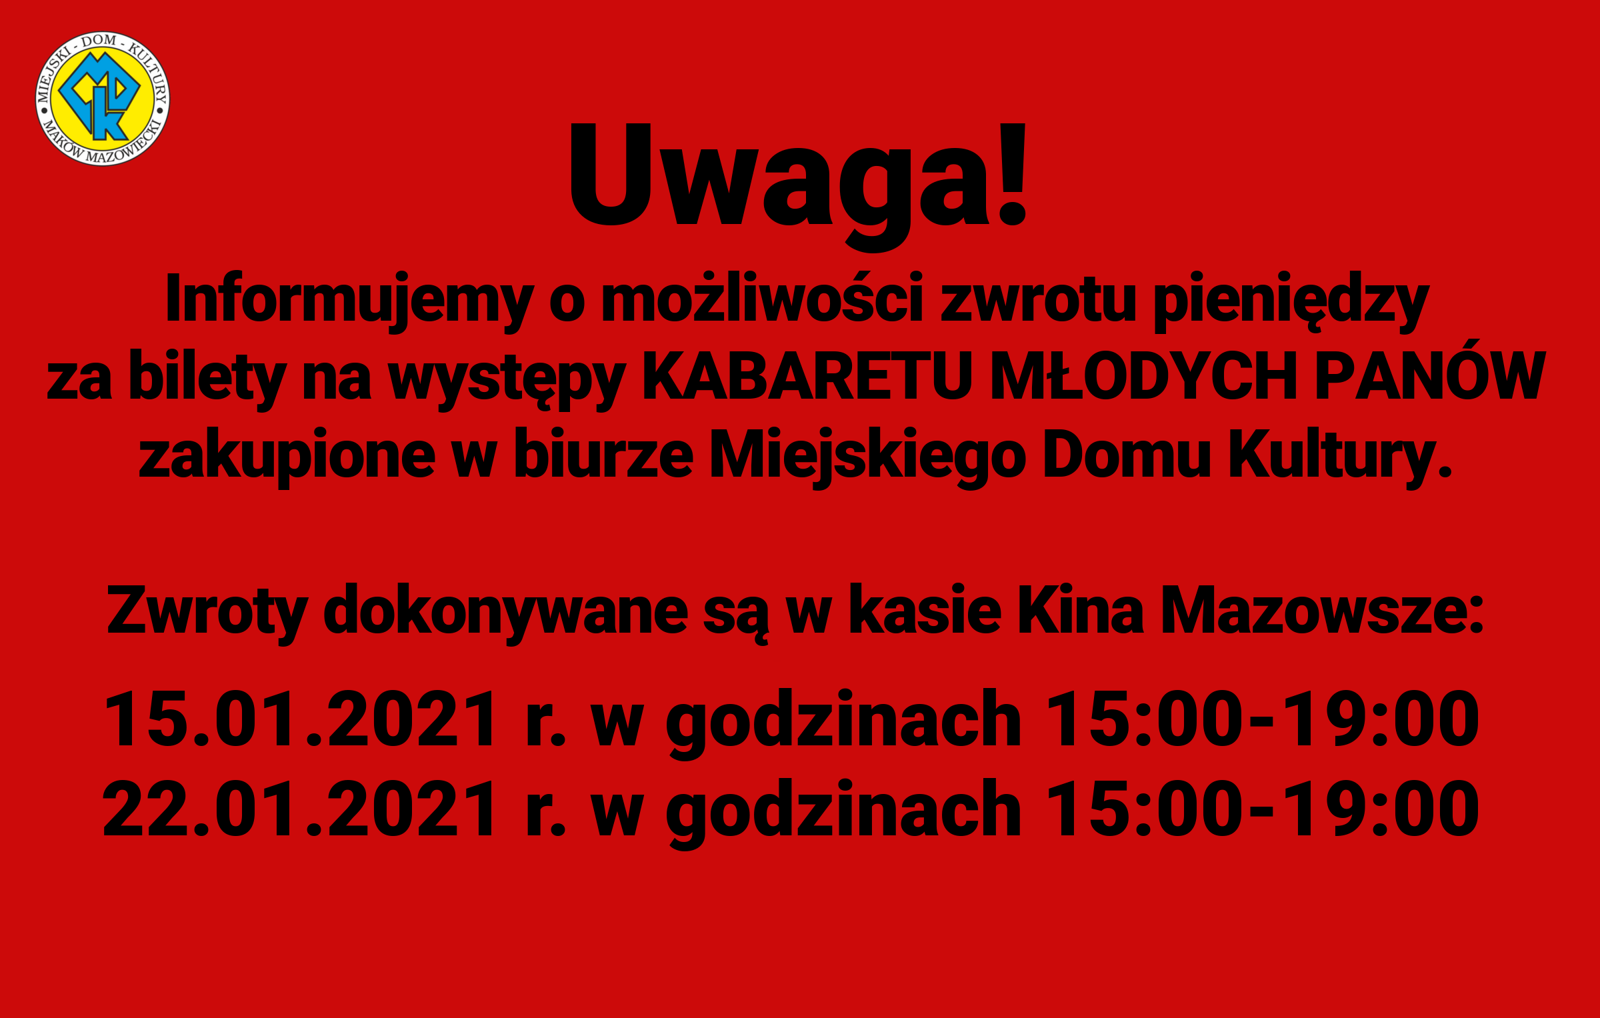 Grafika. Na czerwonym tle informaja o terminach zwrotu pieniędzy za bilety na Kabaret Młodych Panów.